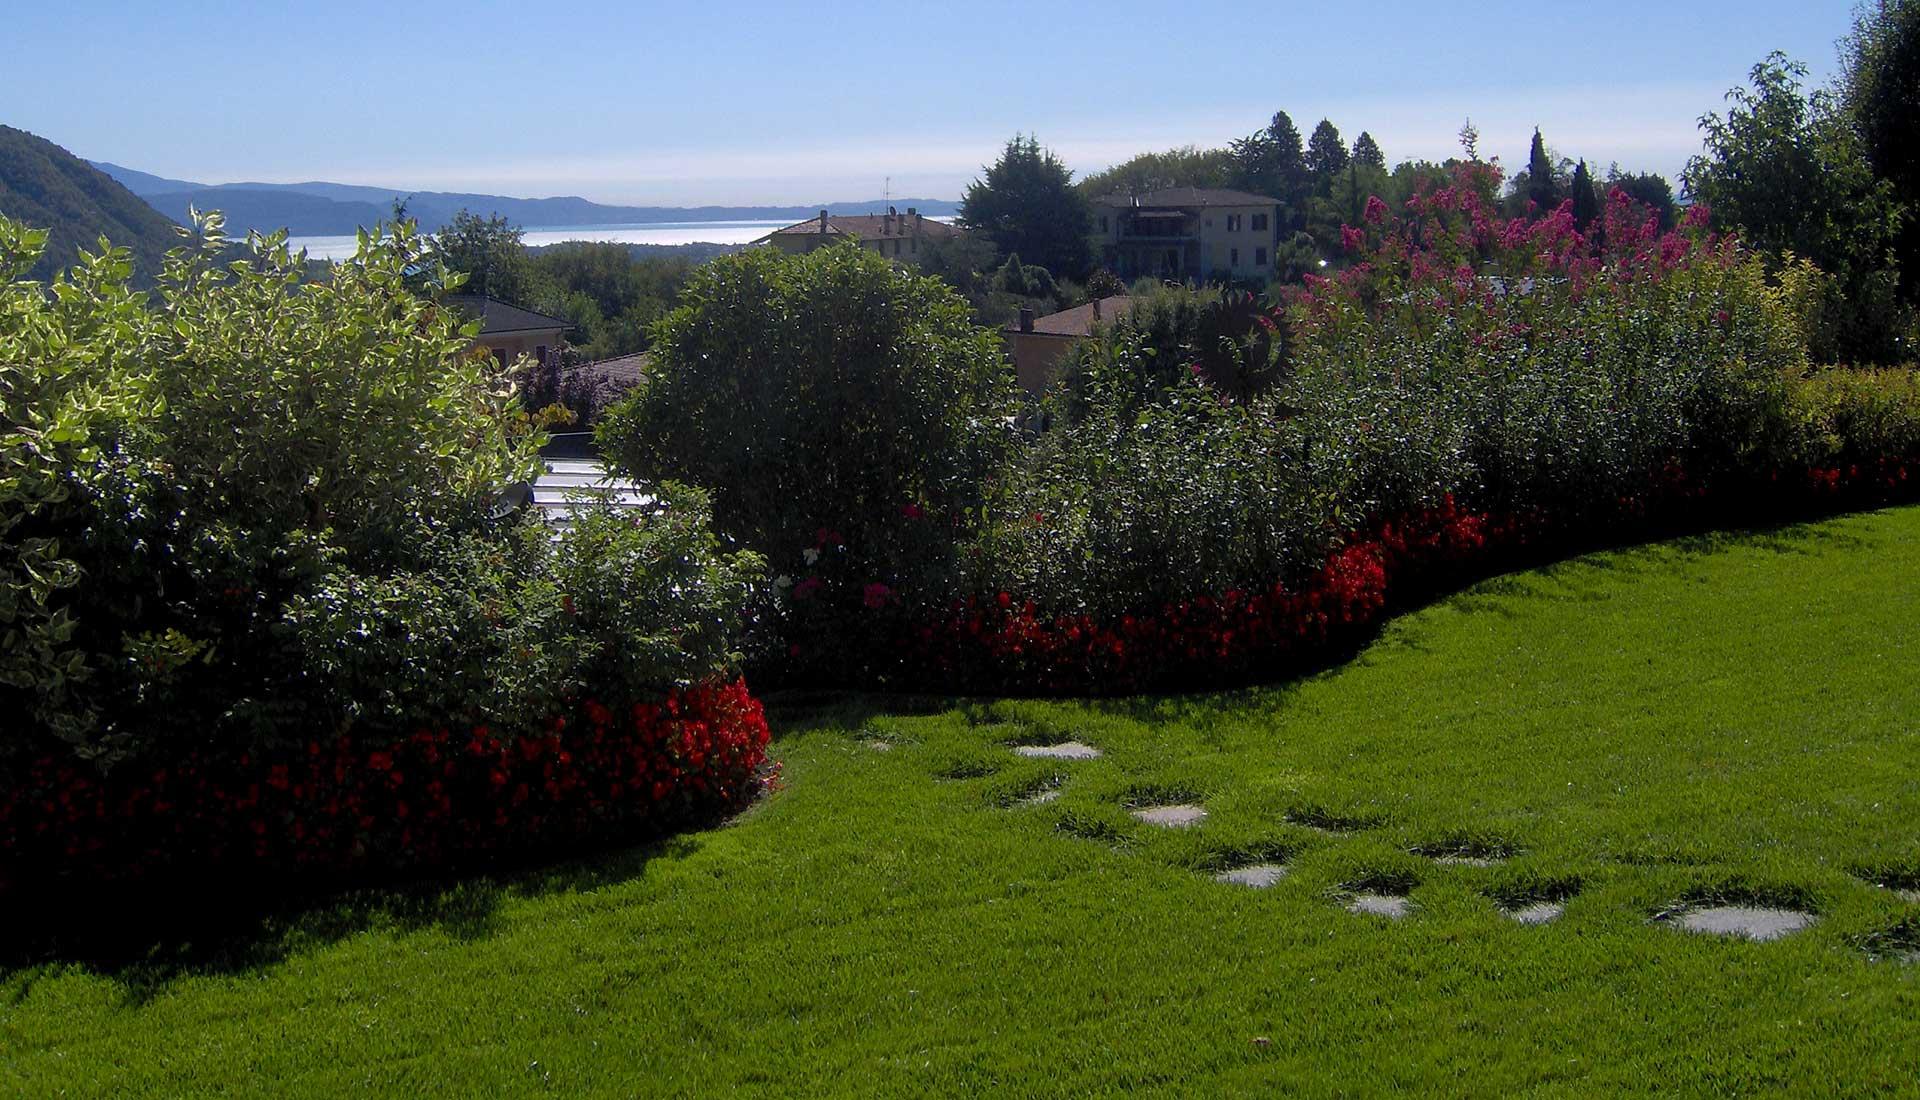 forbici-manutenzione-giardini-ville